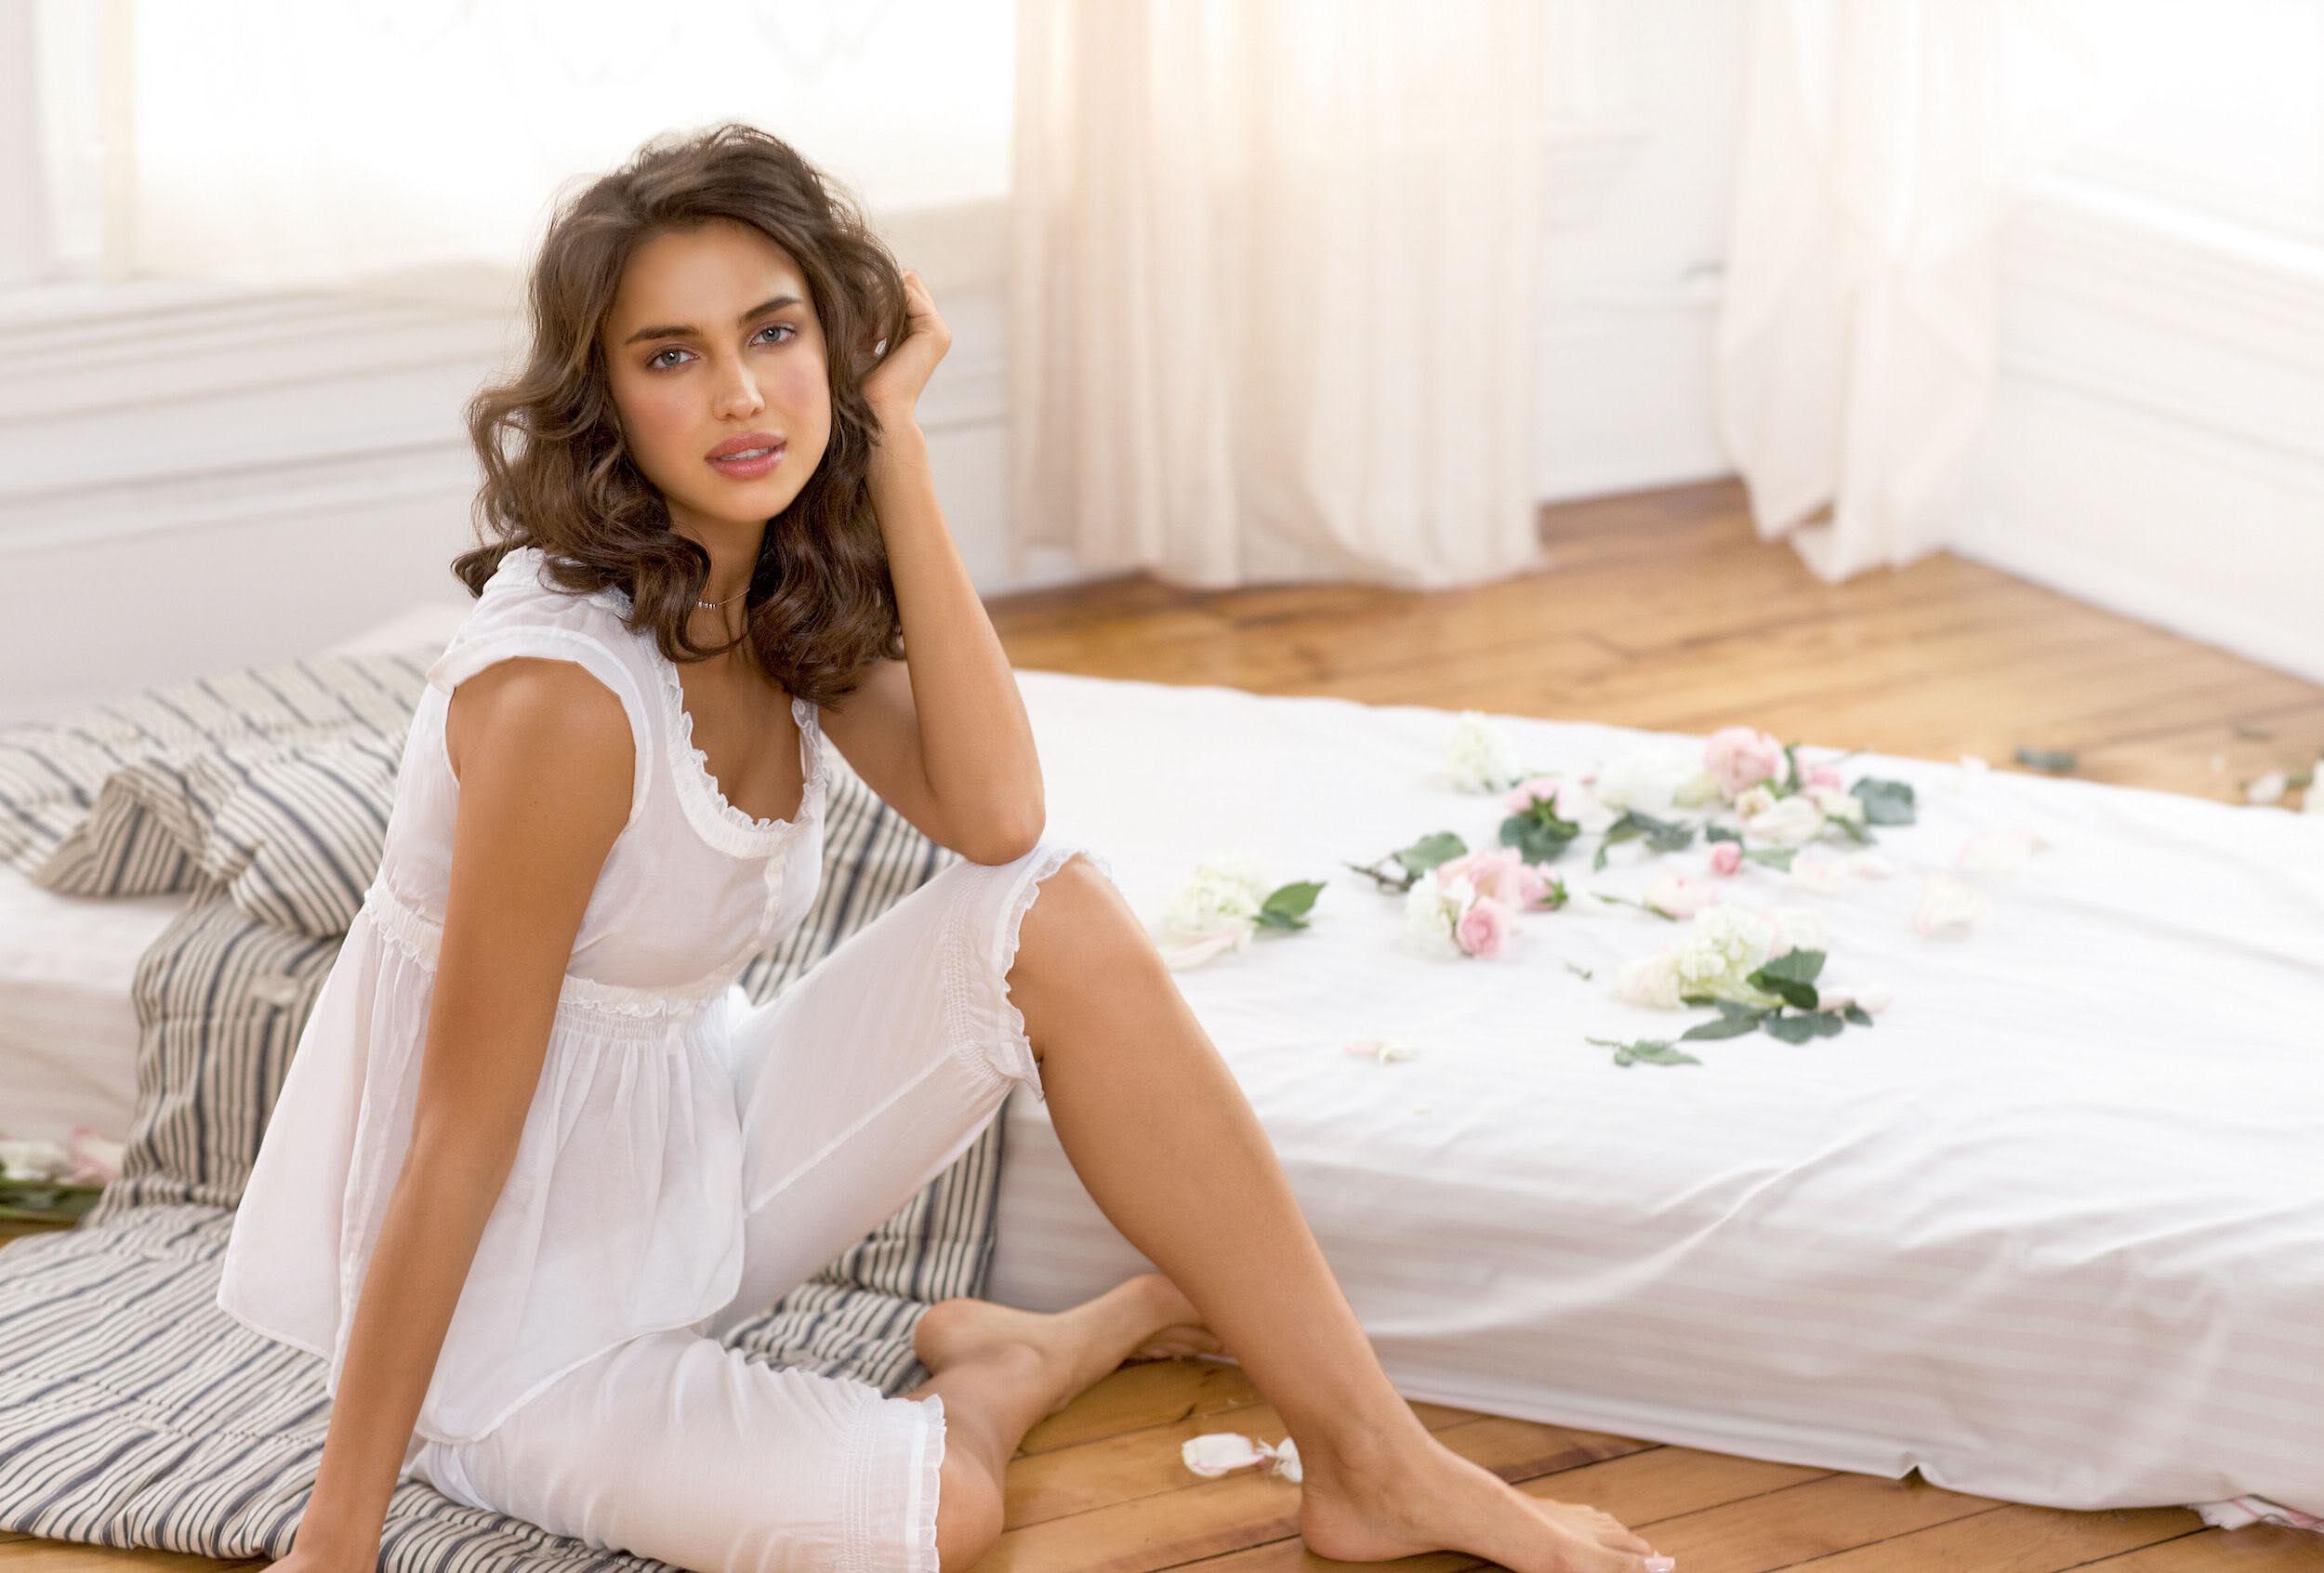 irina shayk11 Model Irina Shayk, Christiano Ronaldo`s Girlfriend